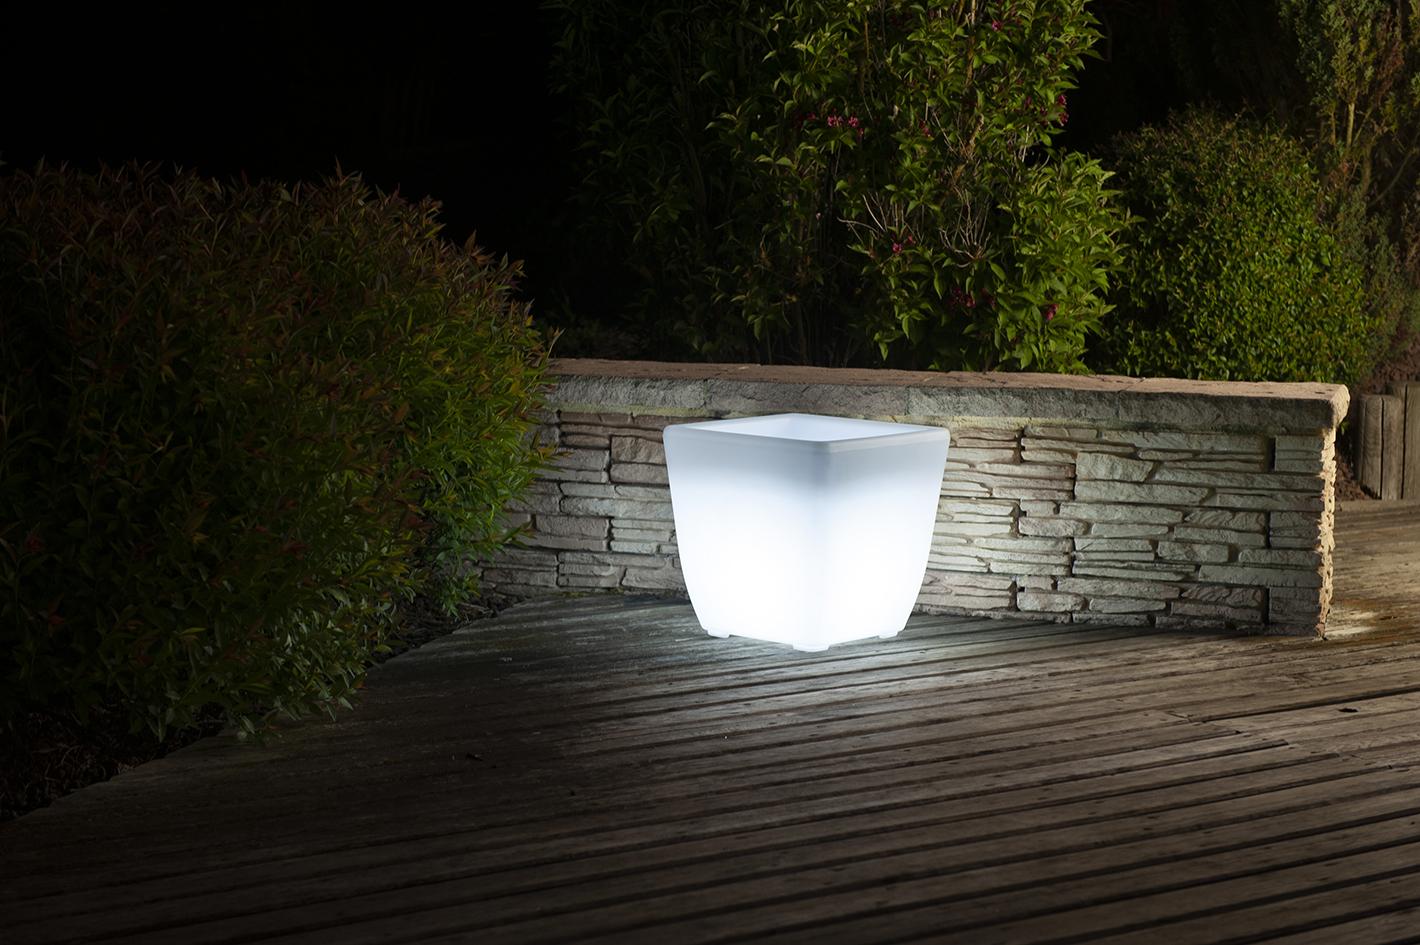 Un pot de fleur illuminé blanc sur une terrasse en bois